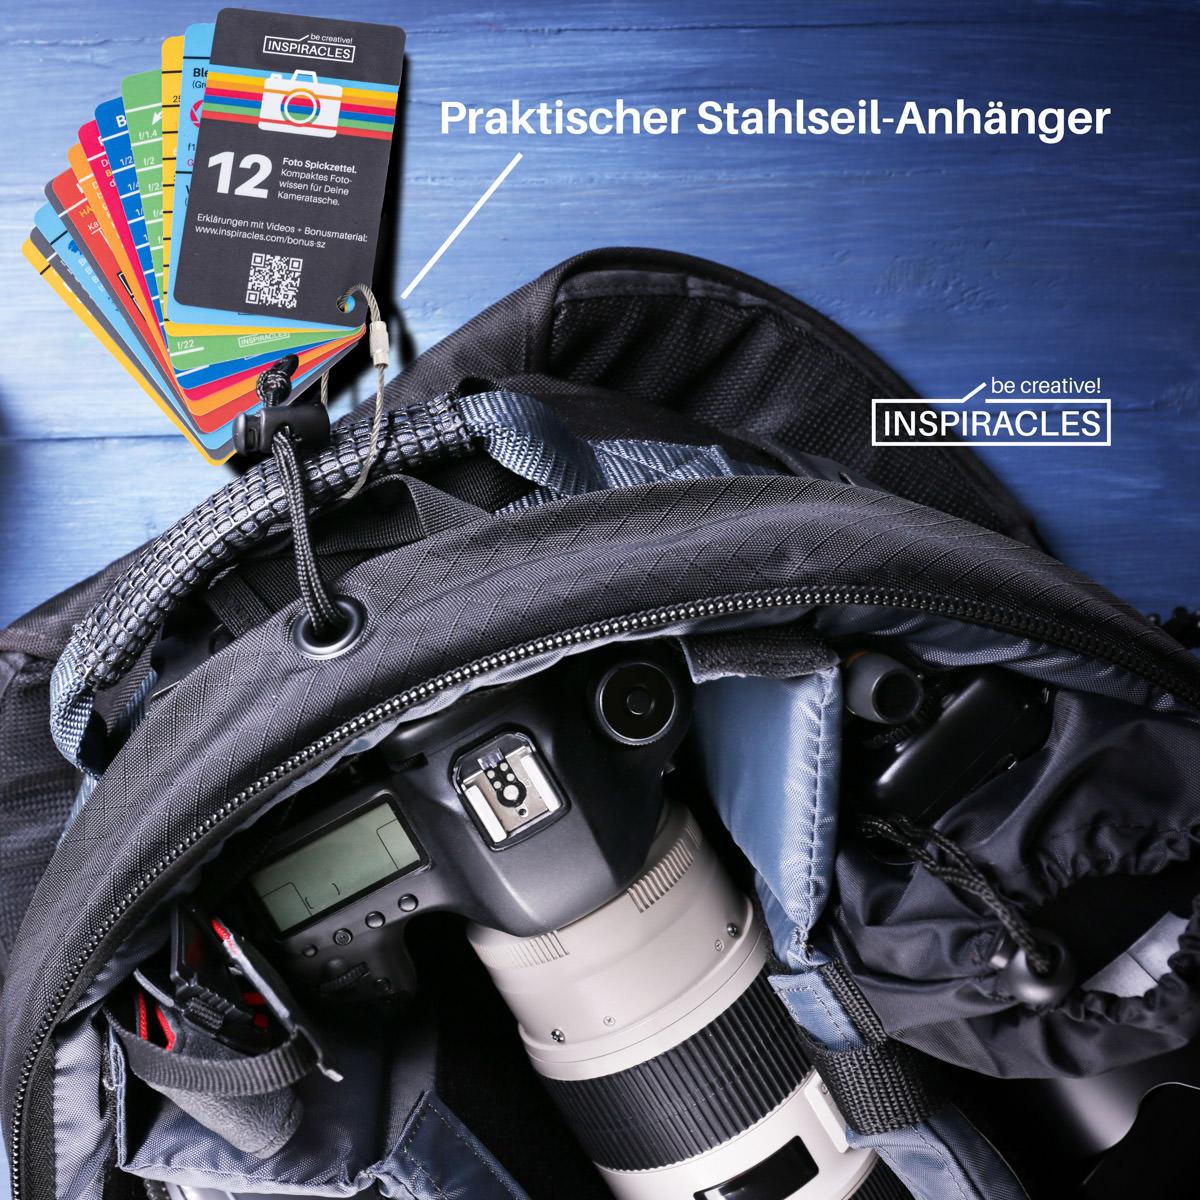 Inspiracles-Spickzettel an einem Foto-Rucksack